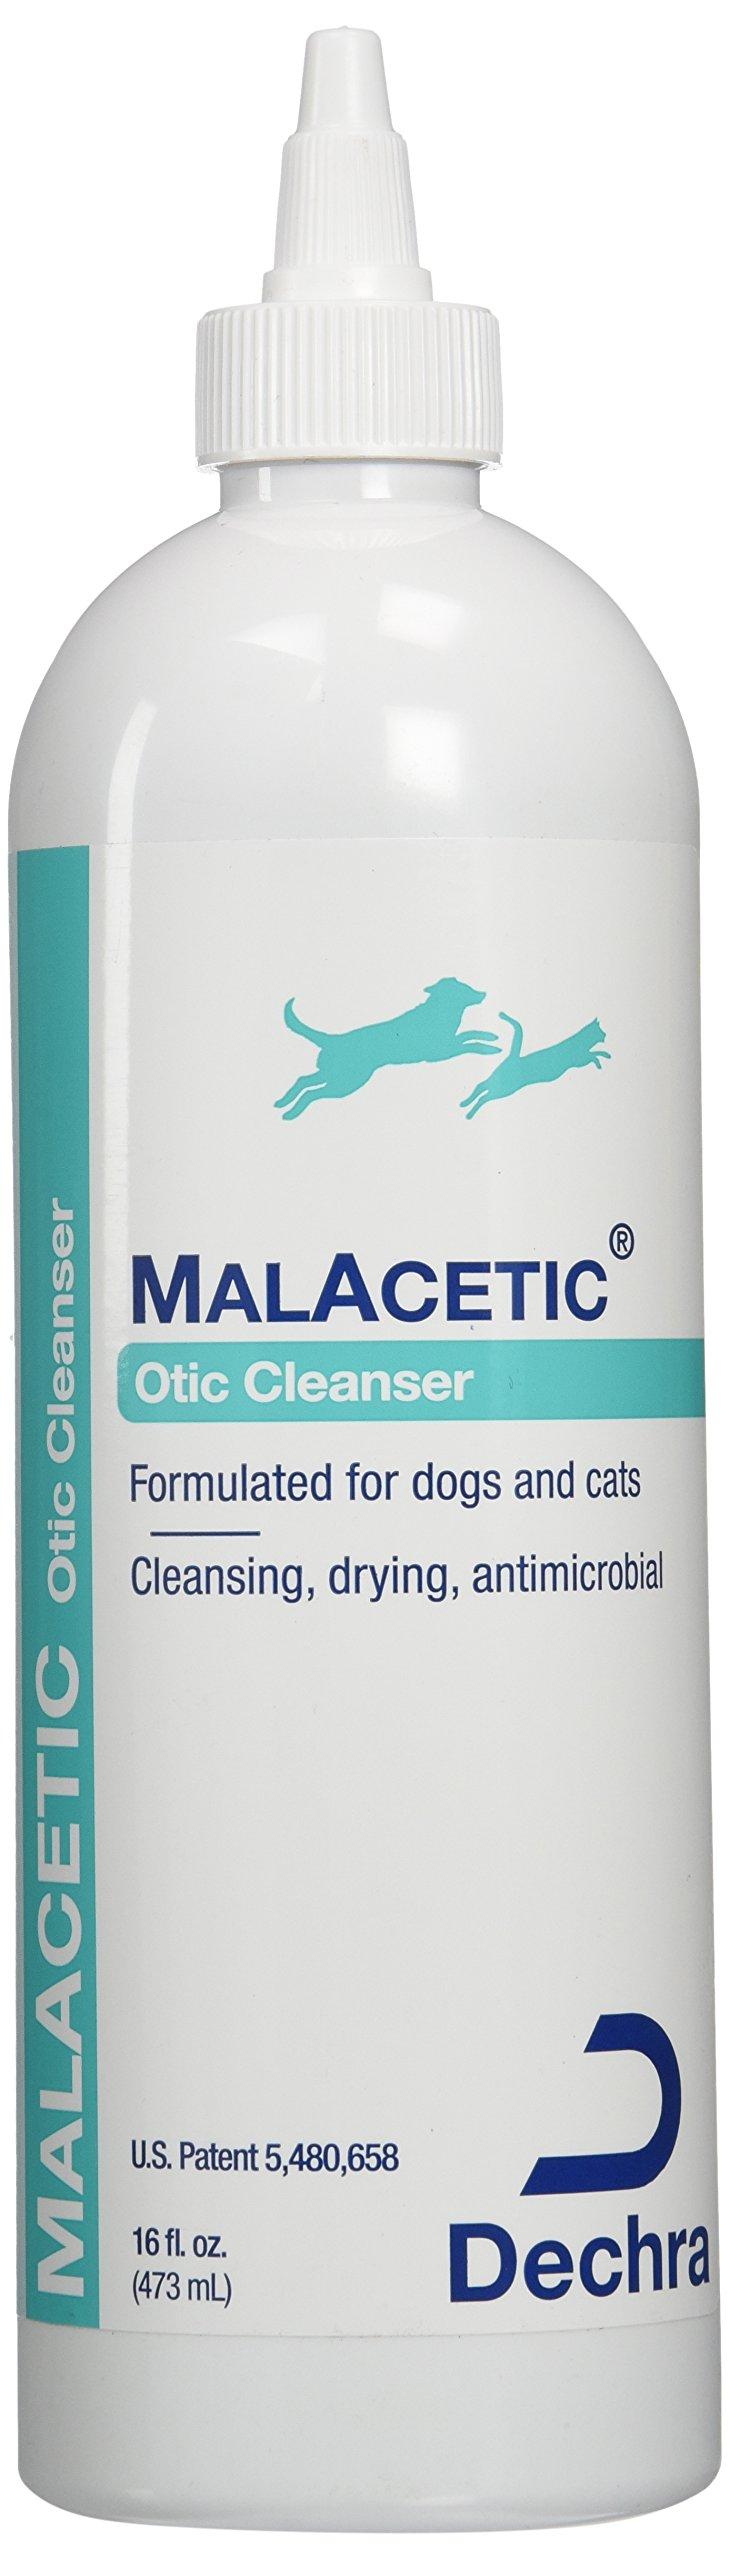 Dechra DermaPet Malacetic Otic Ear/Skin Cleanser, 16 oz.